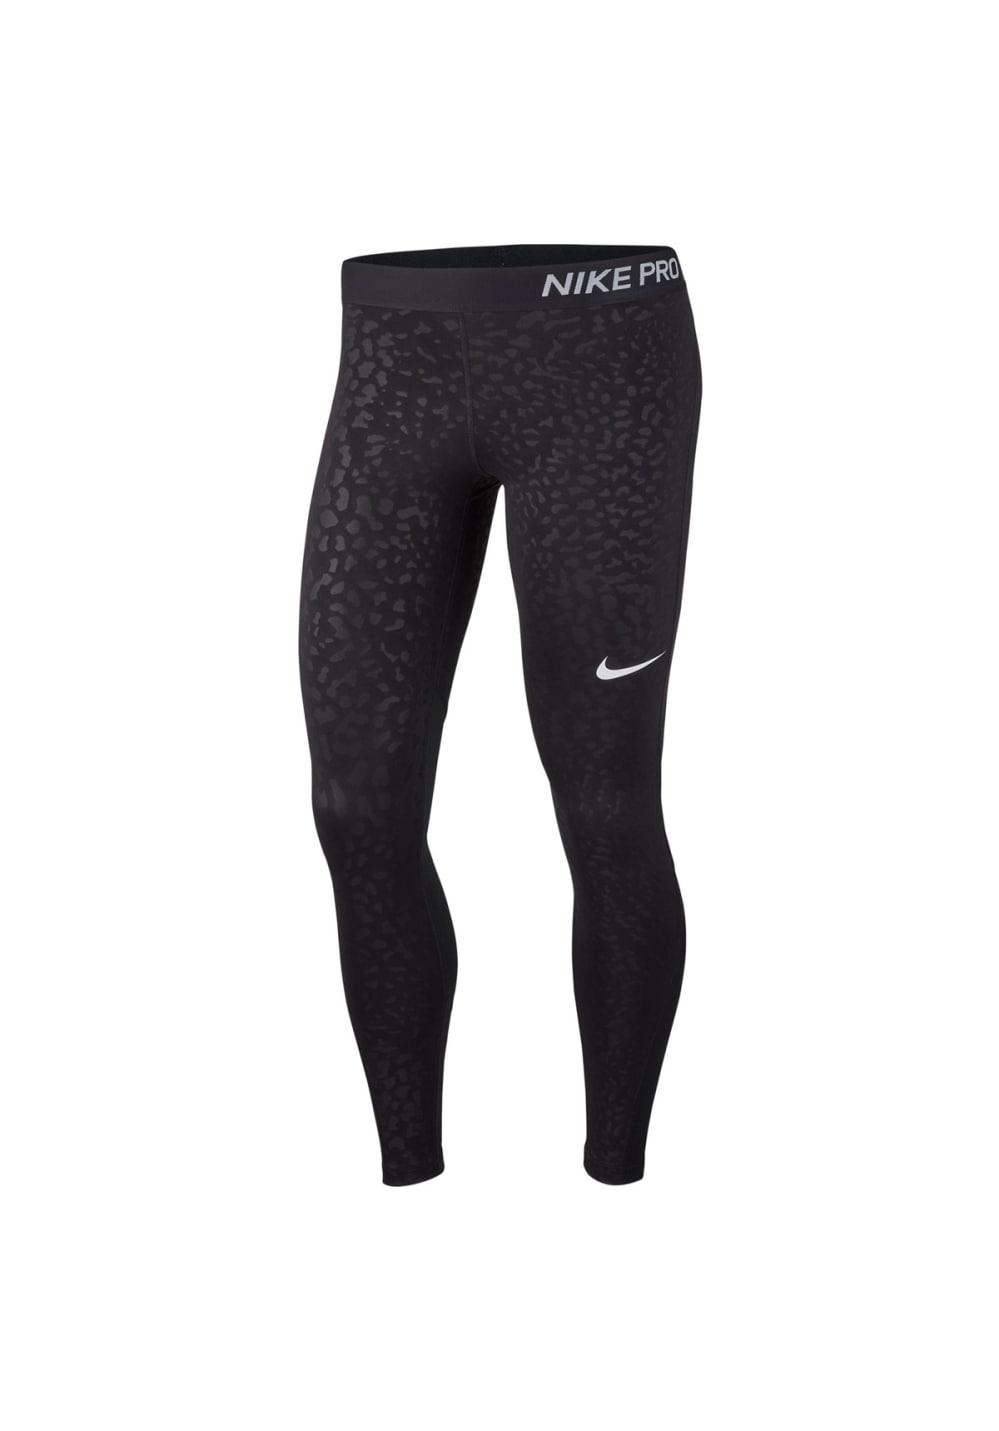 Nike Pro Tights - Fitnesshosen für Damen - Schwarz